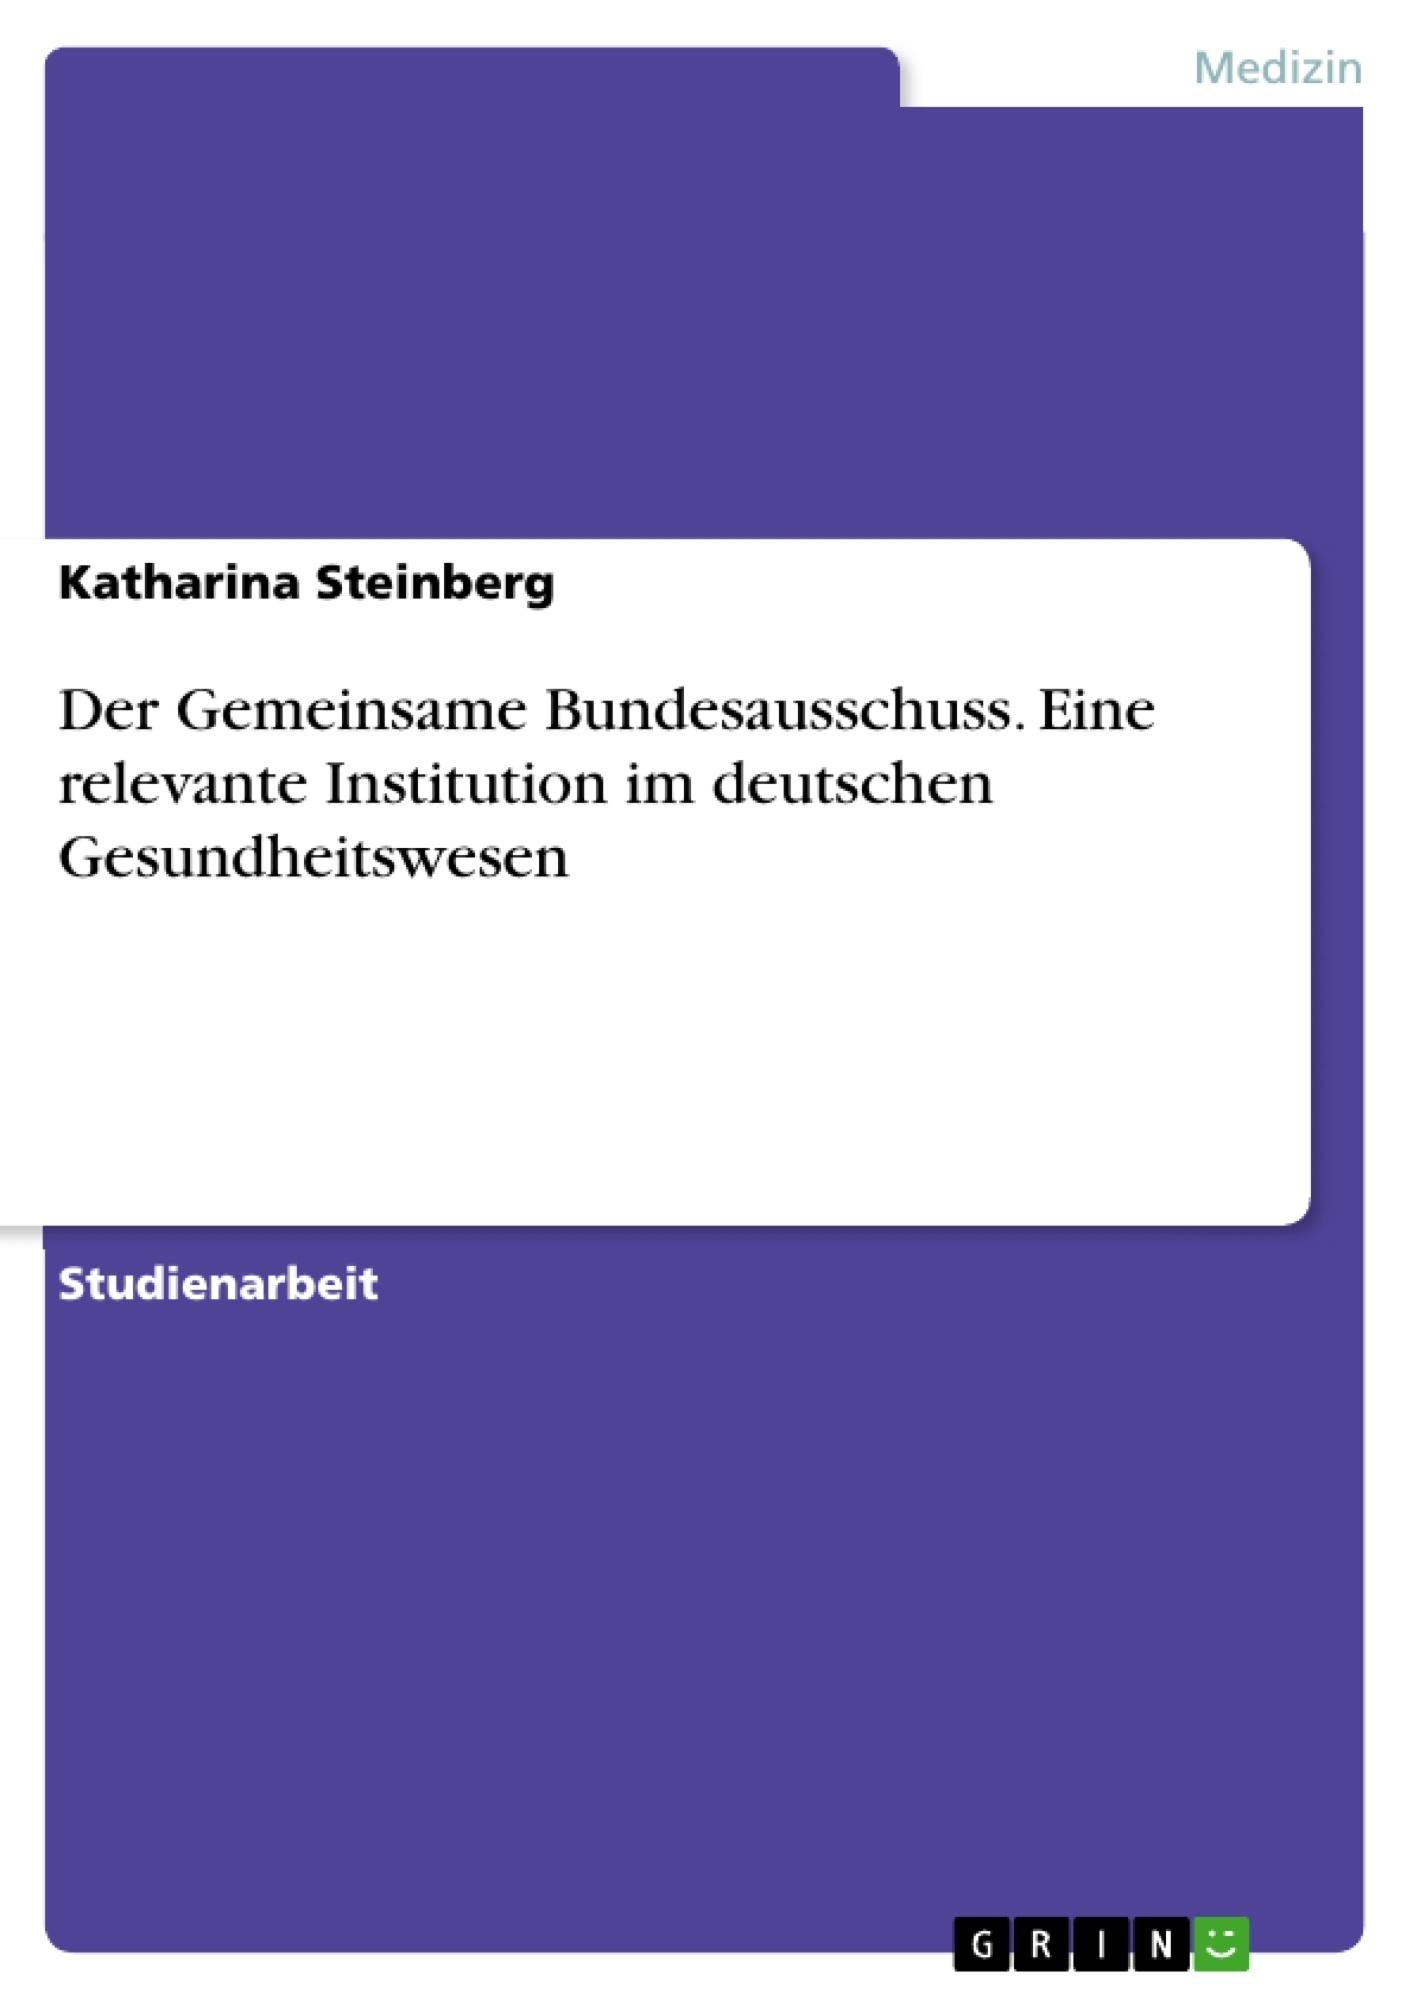 Titel: Der Gemeinsame Bundesausschuss. Eine relevante Institution im deutschen Gesundheitswesen